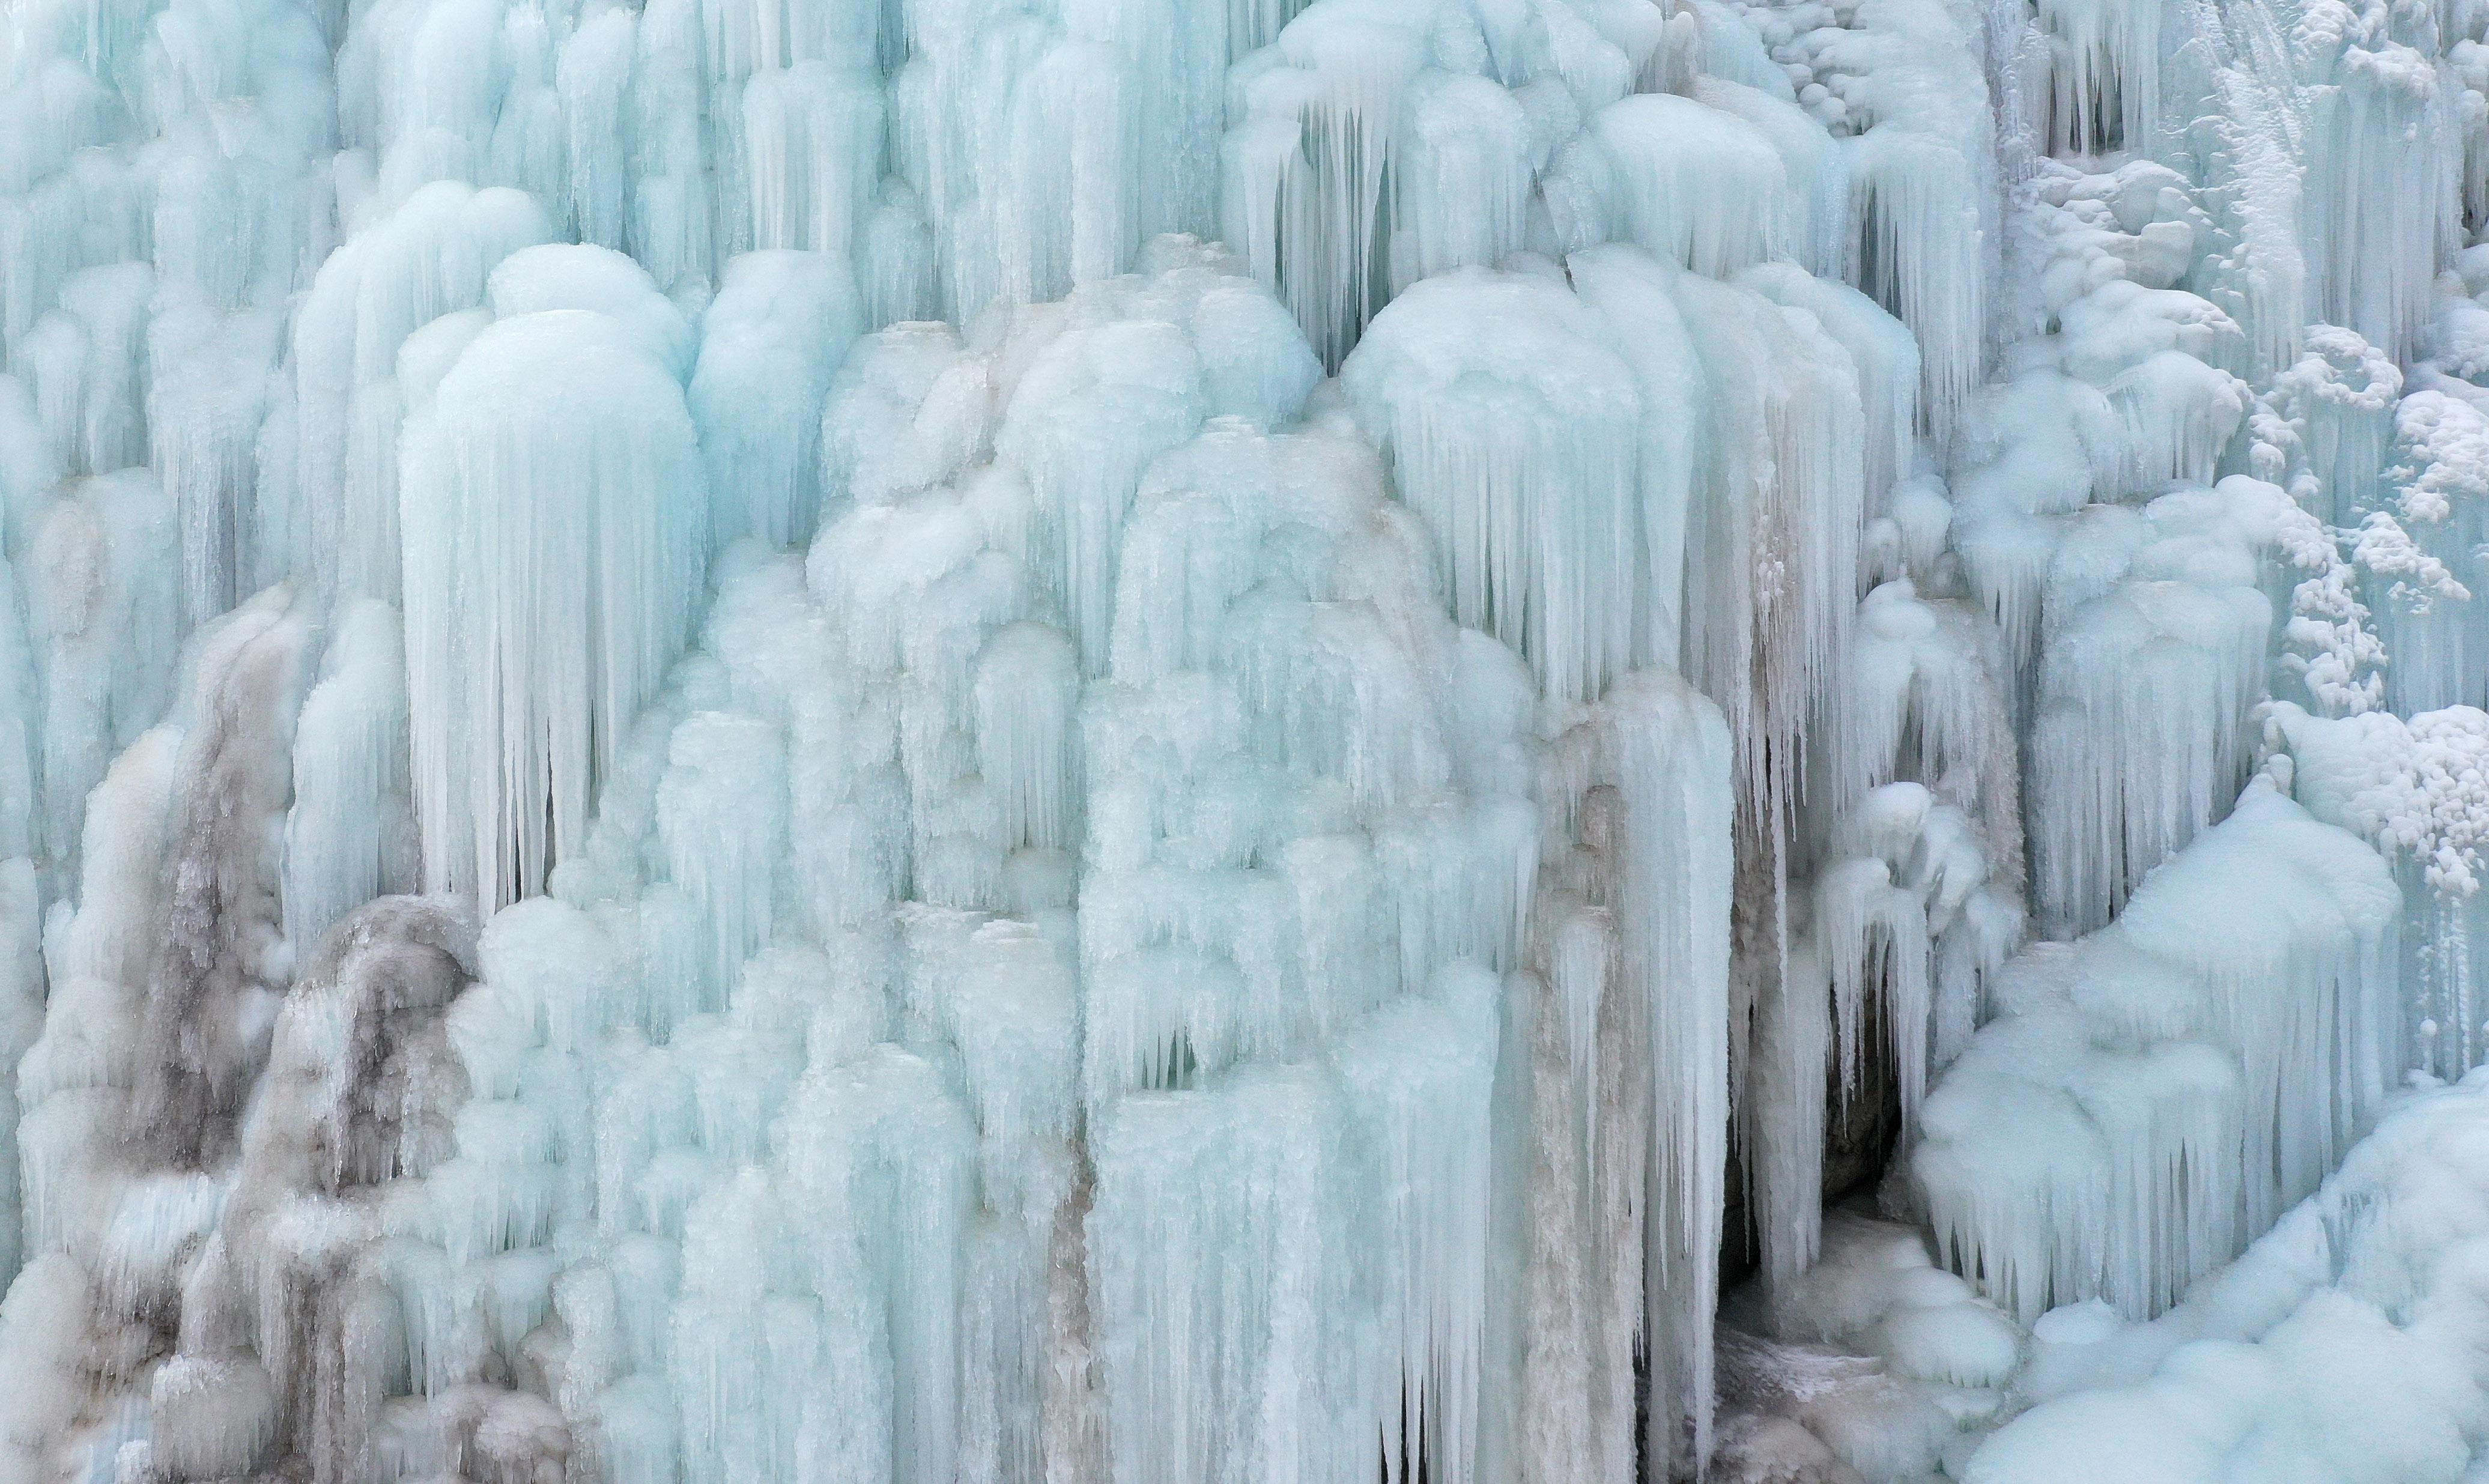 贺兰山冰瀑